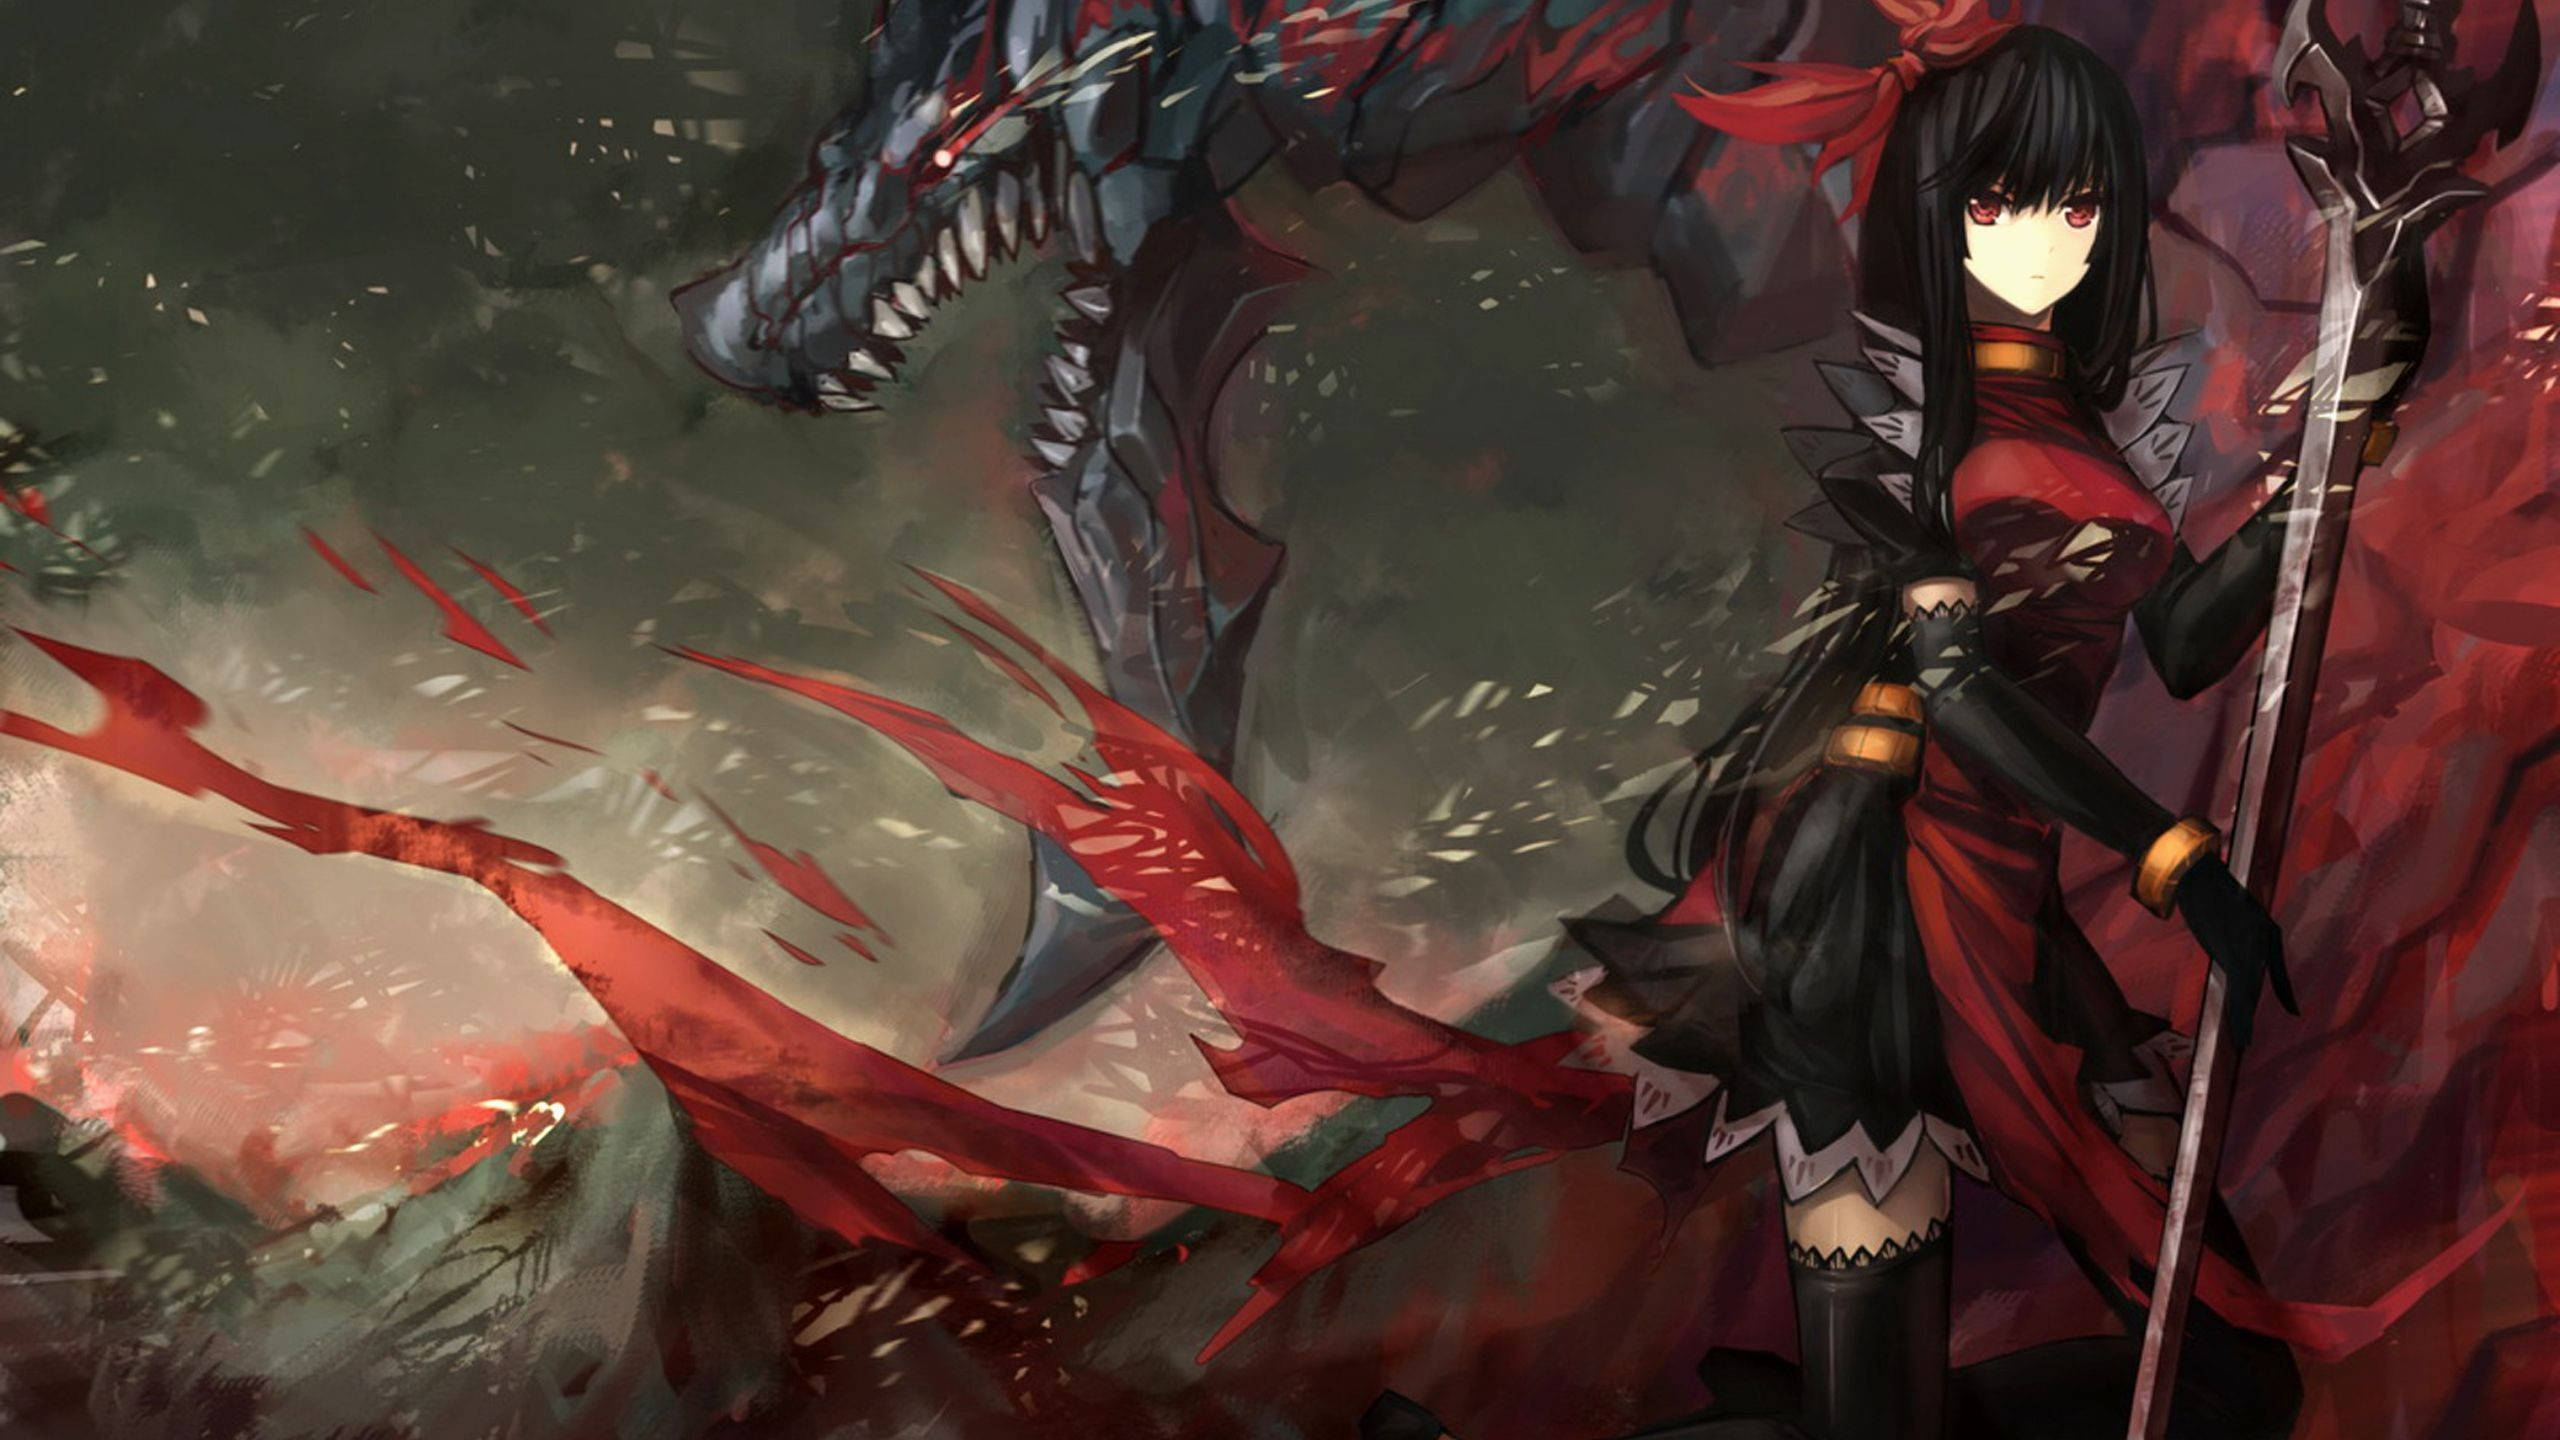 anime warrior girl   anime-girl-warrior-anime-hd-wallpaper-